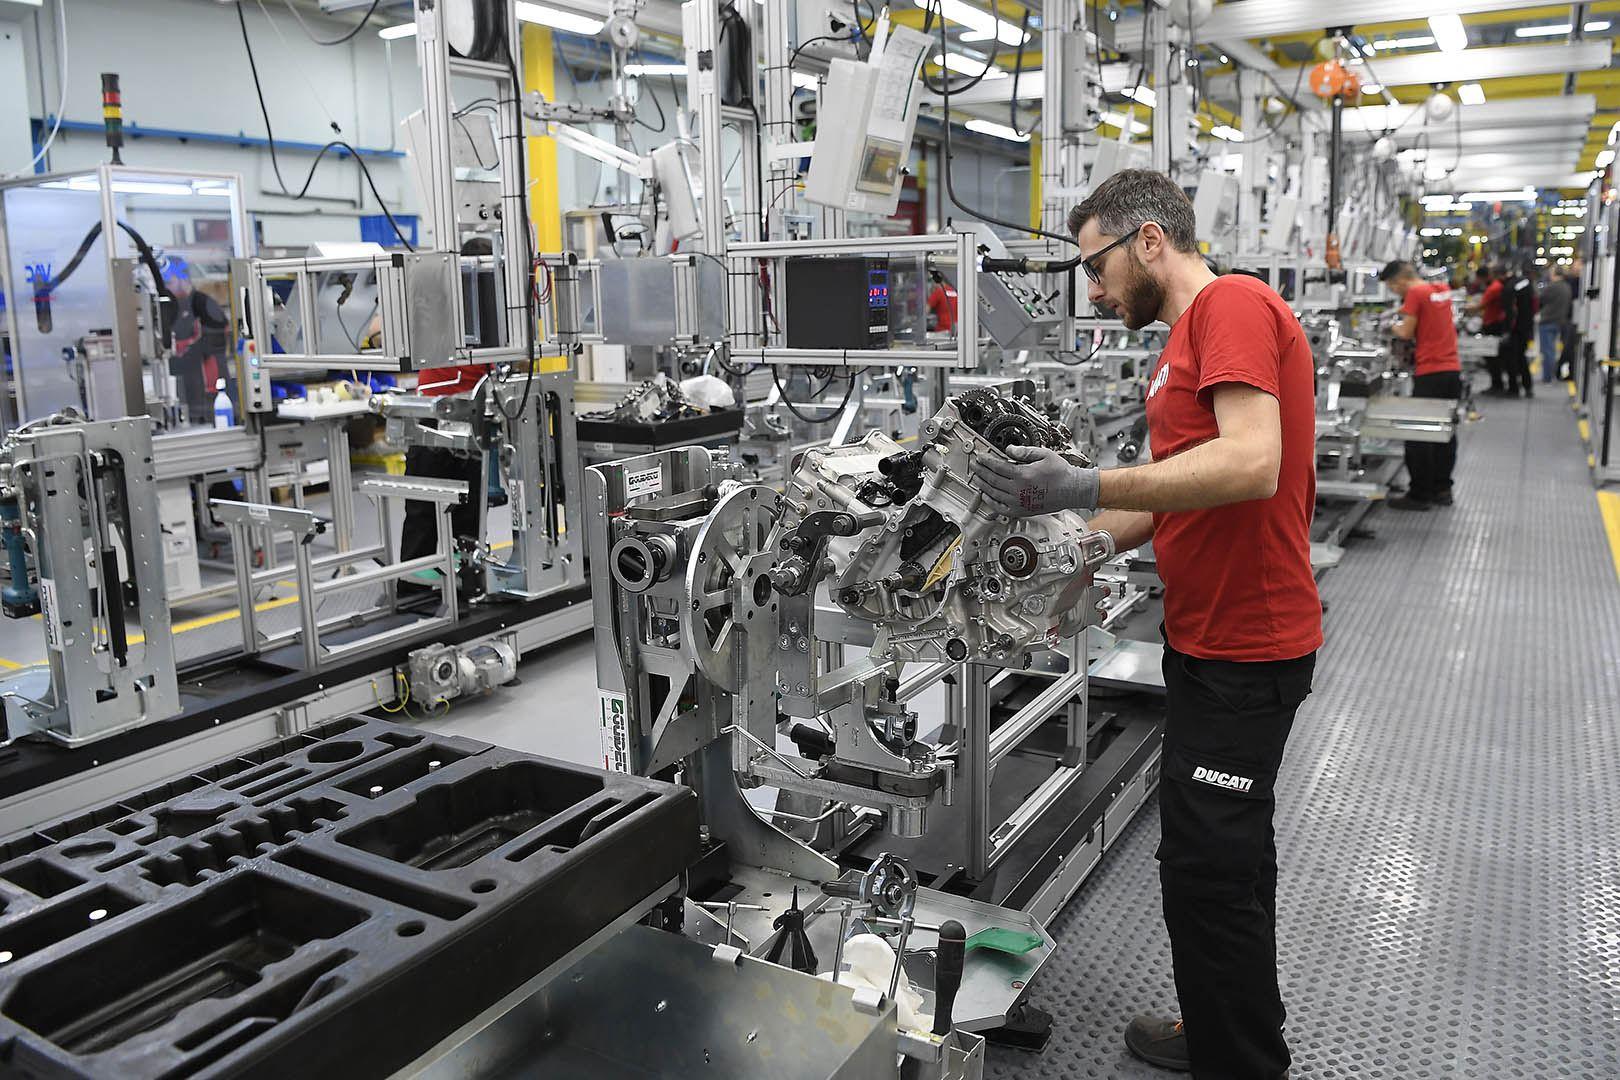 Las motos Euro 4 en stock se podrán seguir vendiendo durante 2021